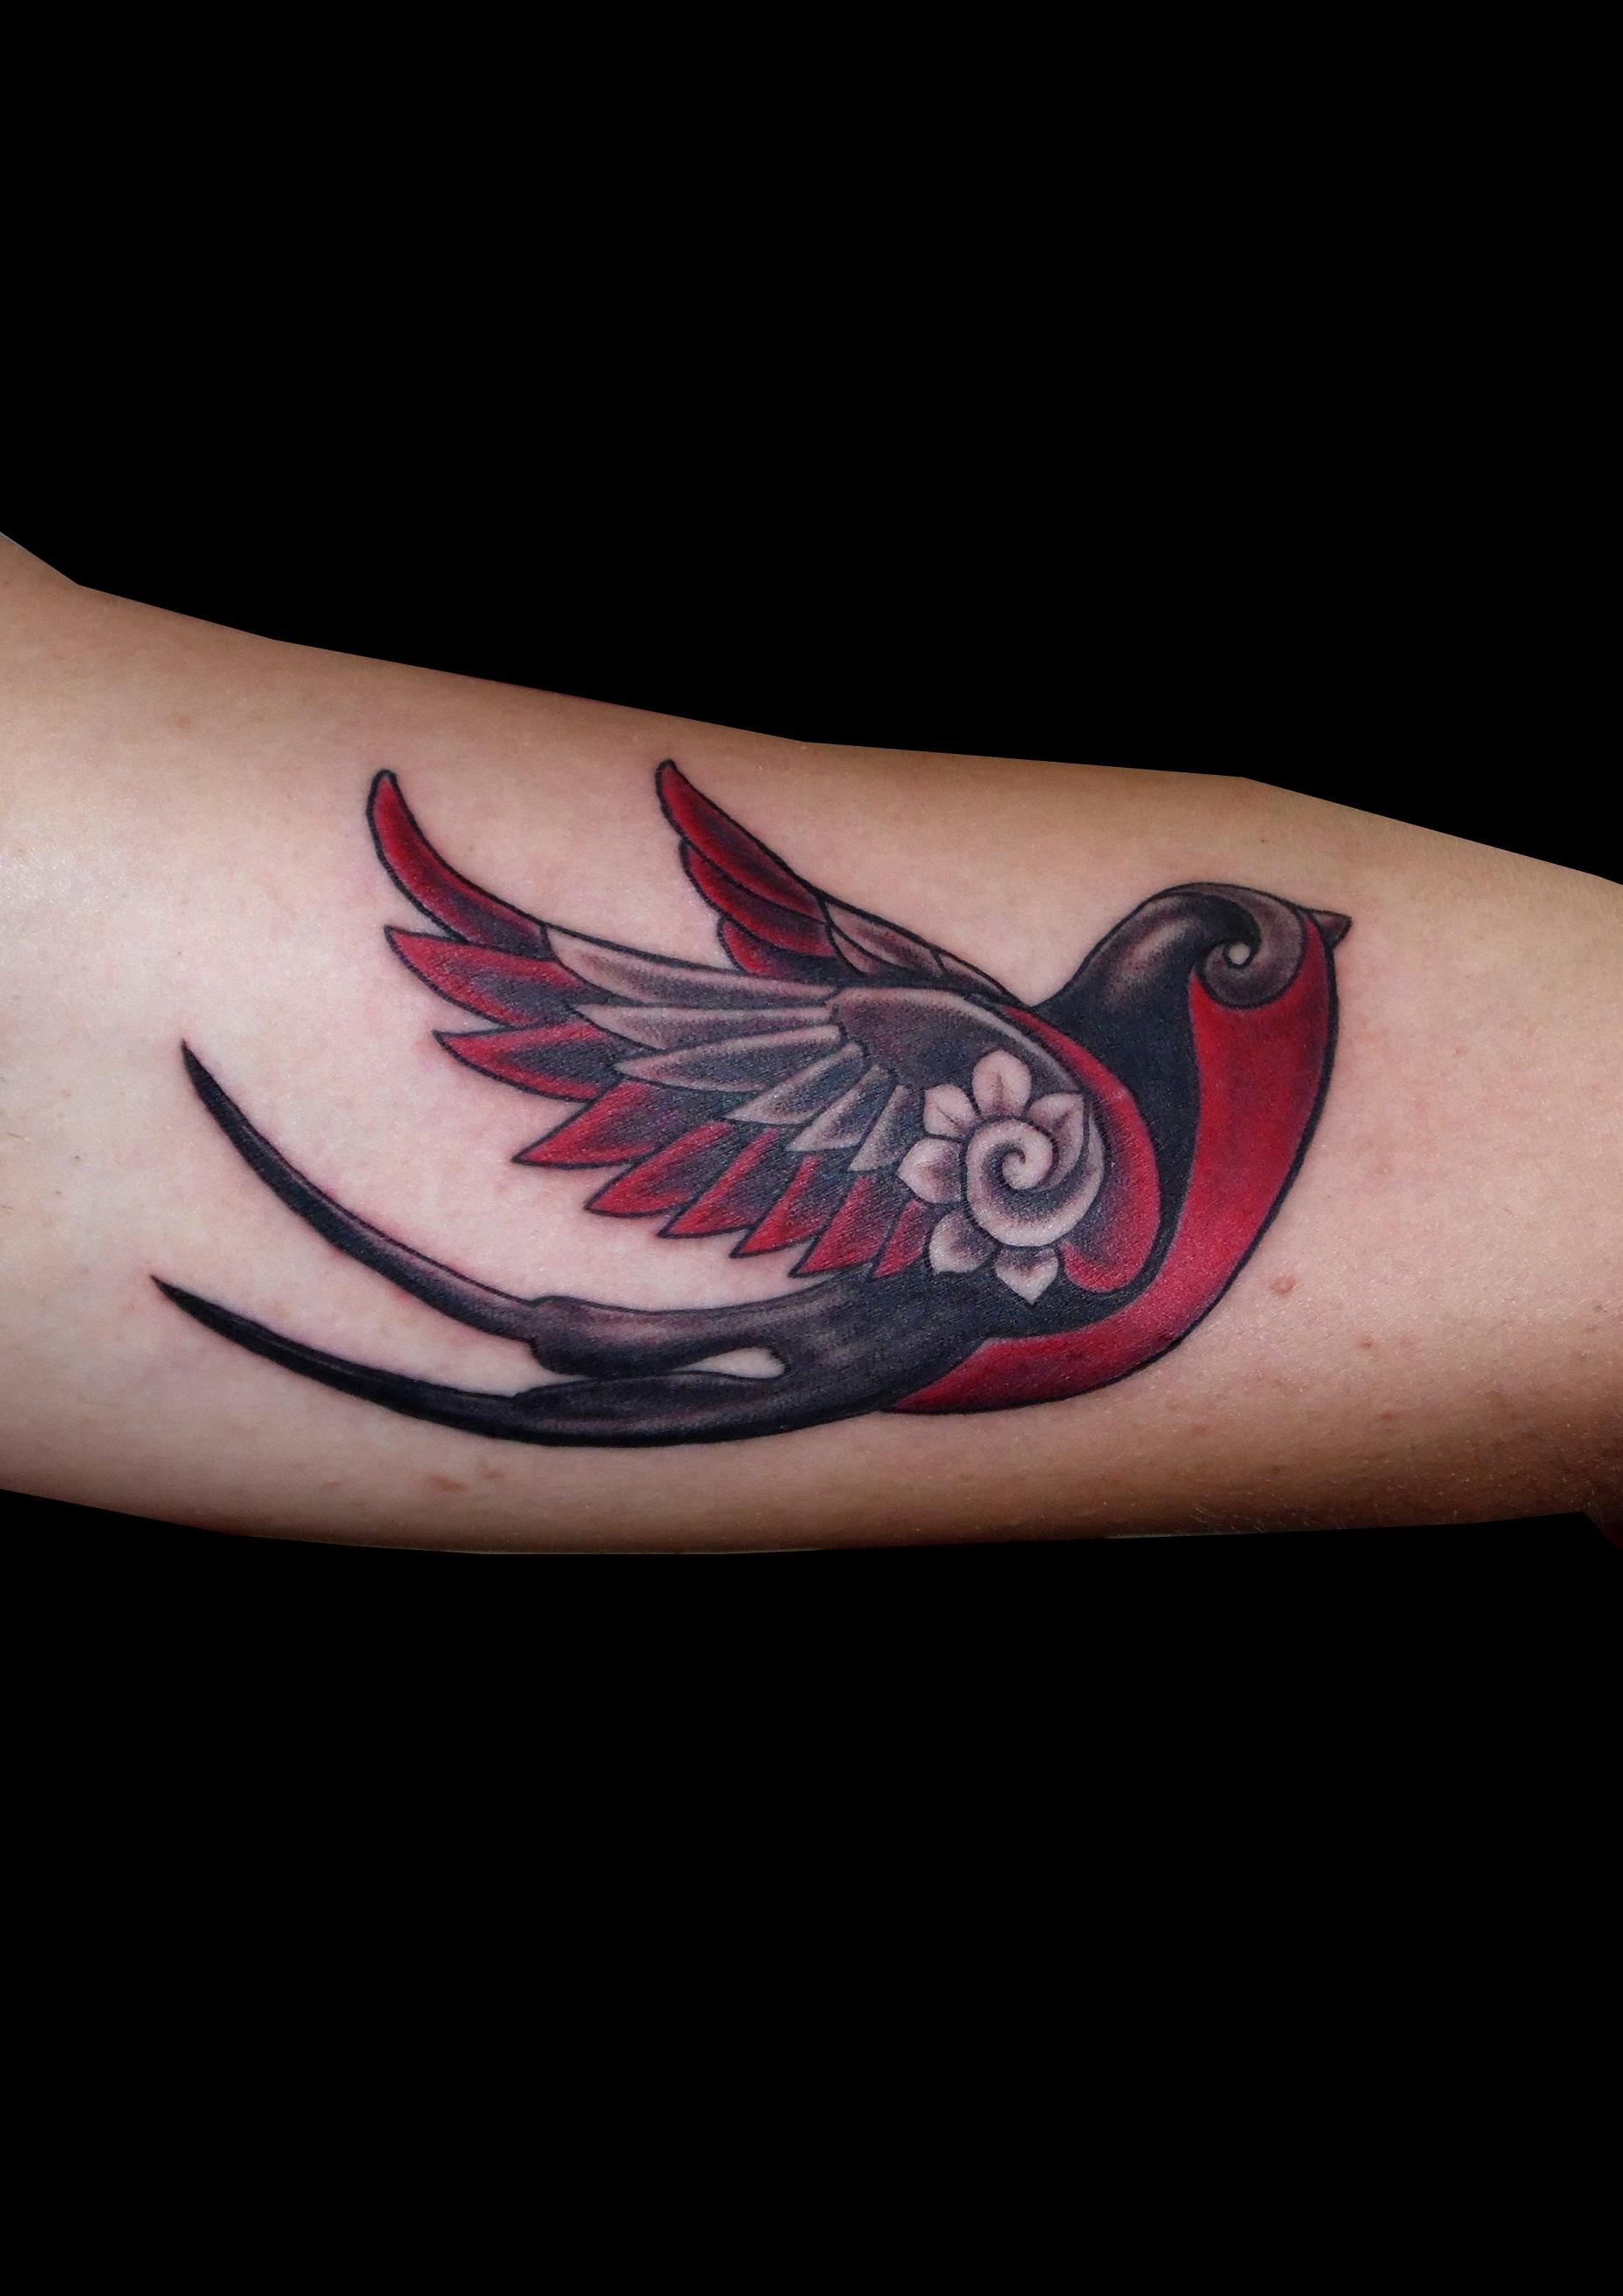 Galería Tatuajes 13depicas 13depicascomstudio Tattoopiercing